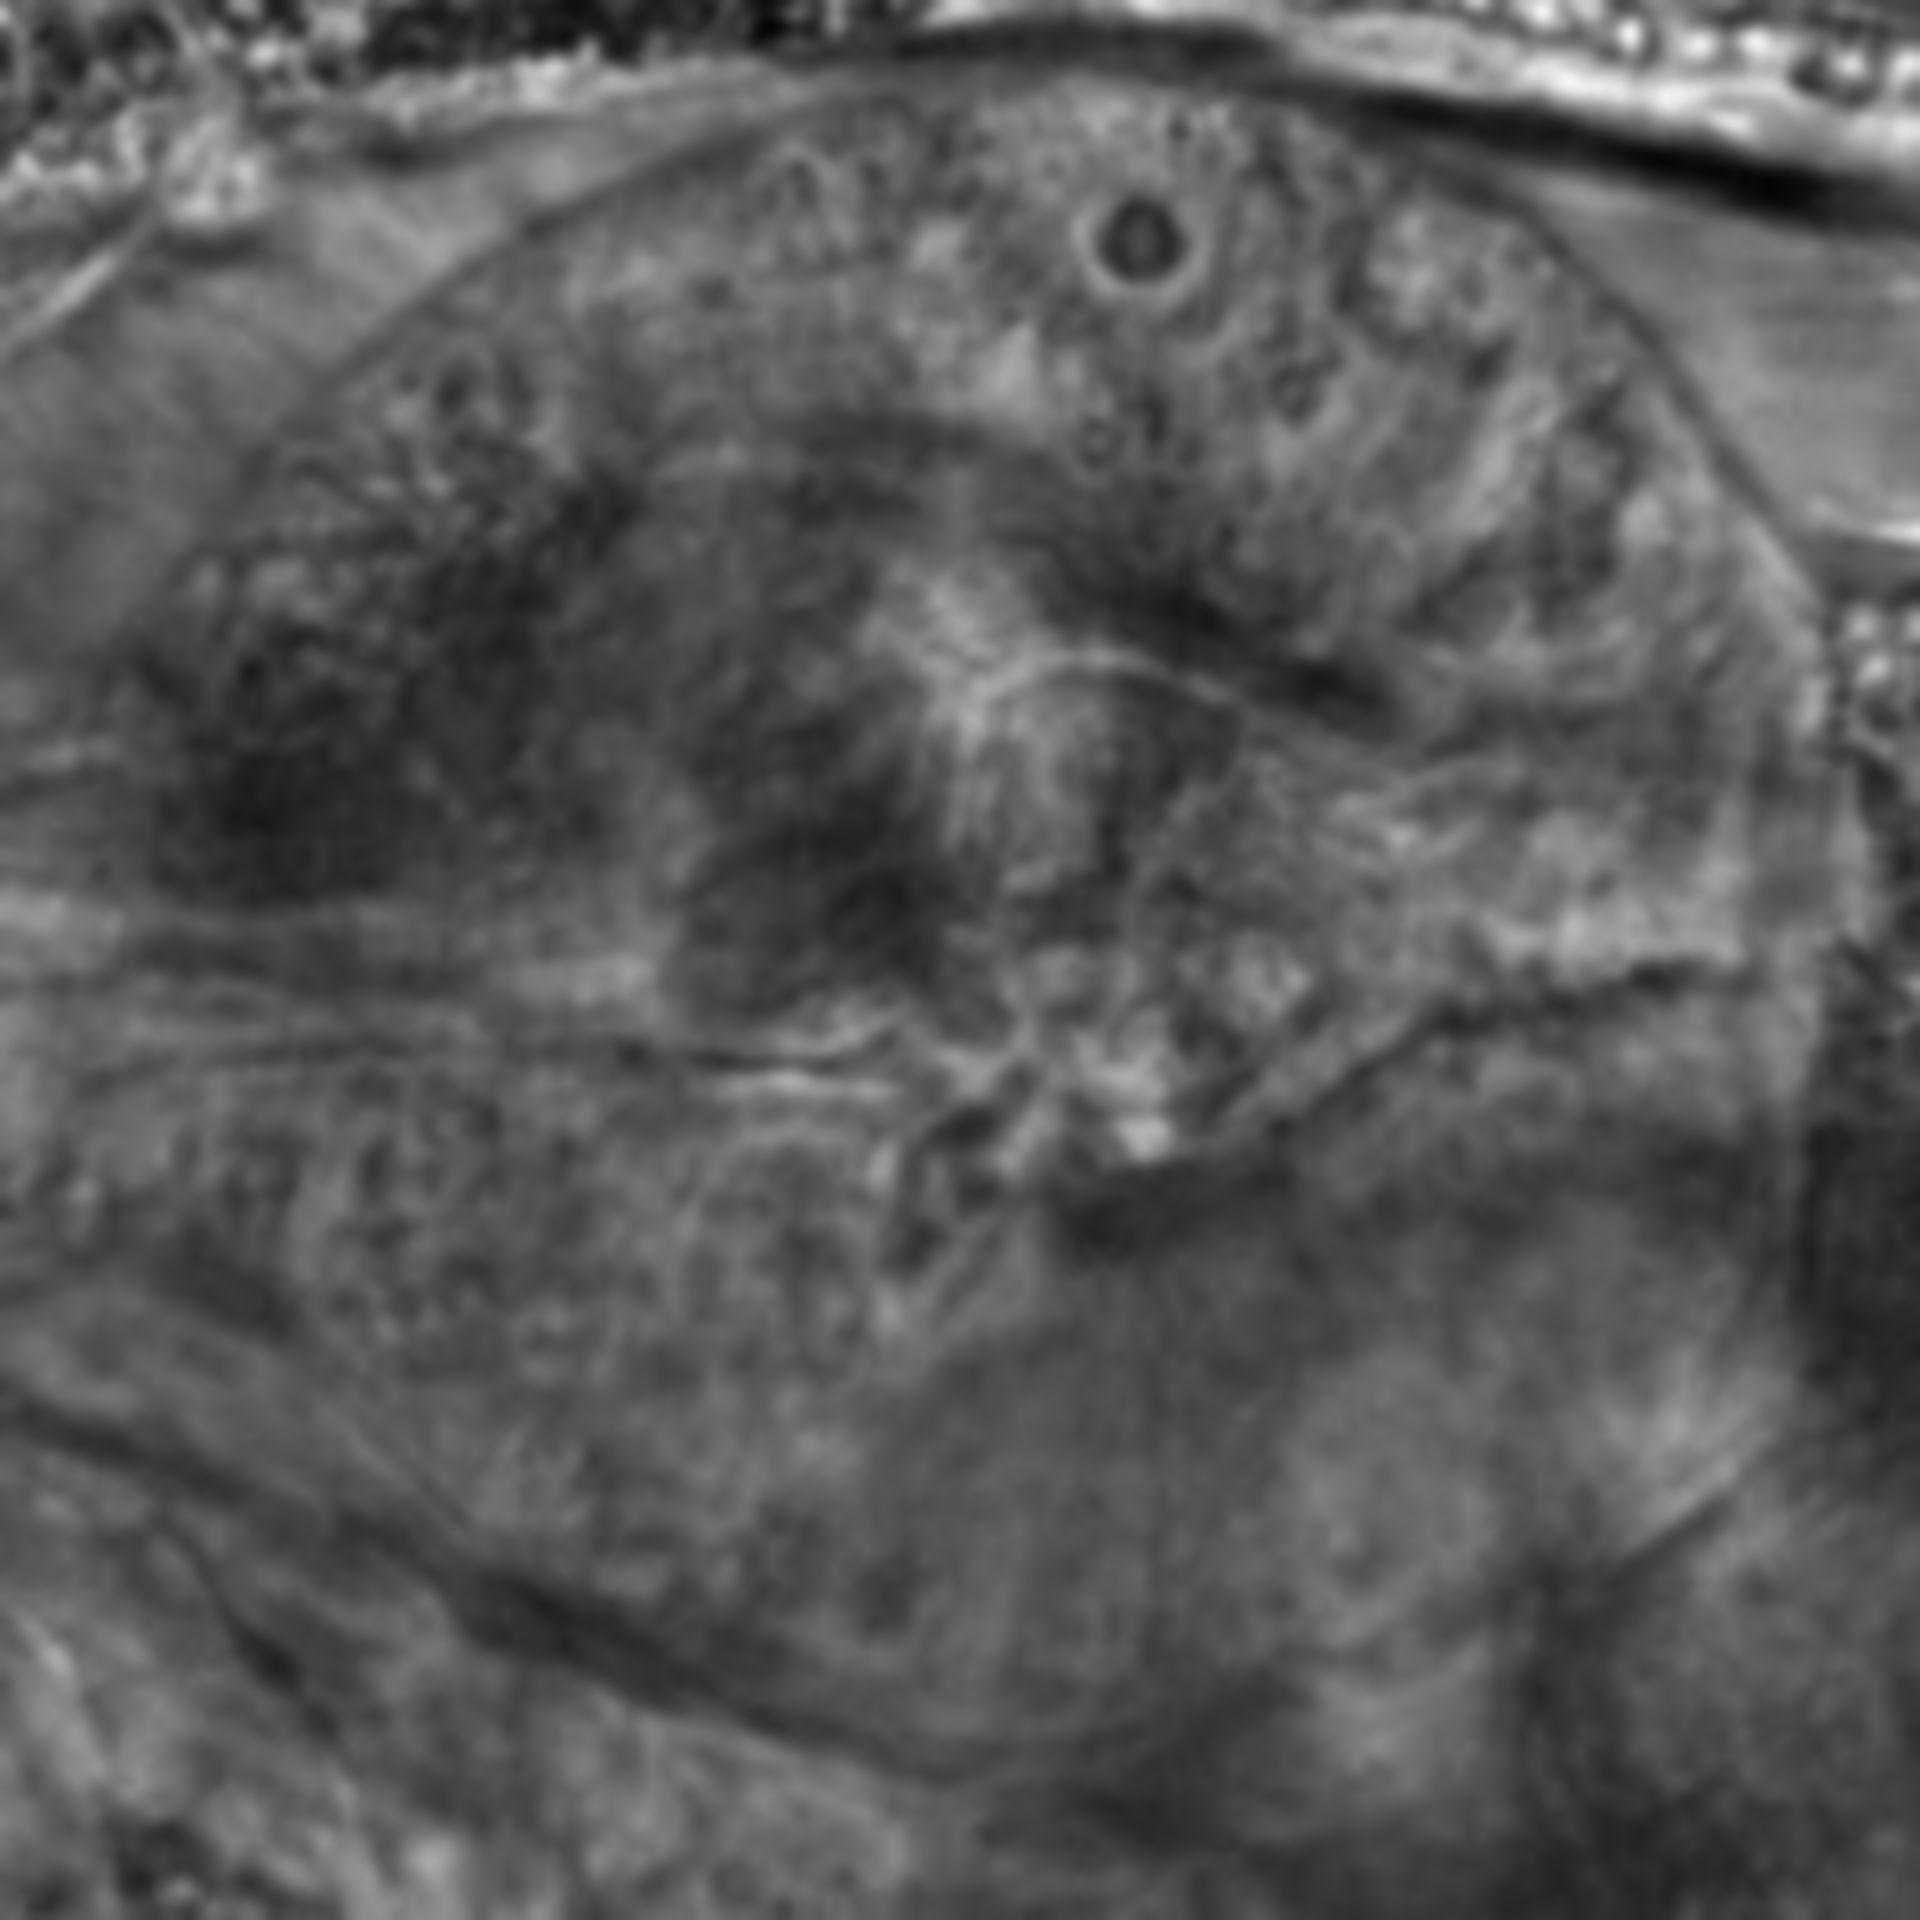 Caenorhabditis elegans - CIL:2568